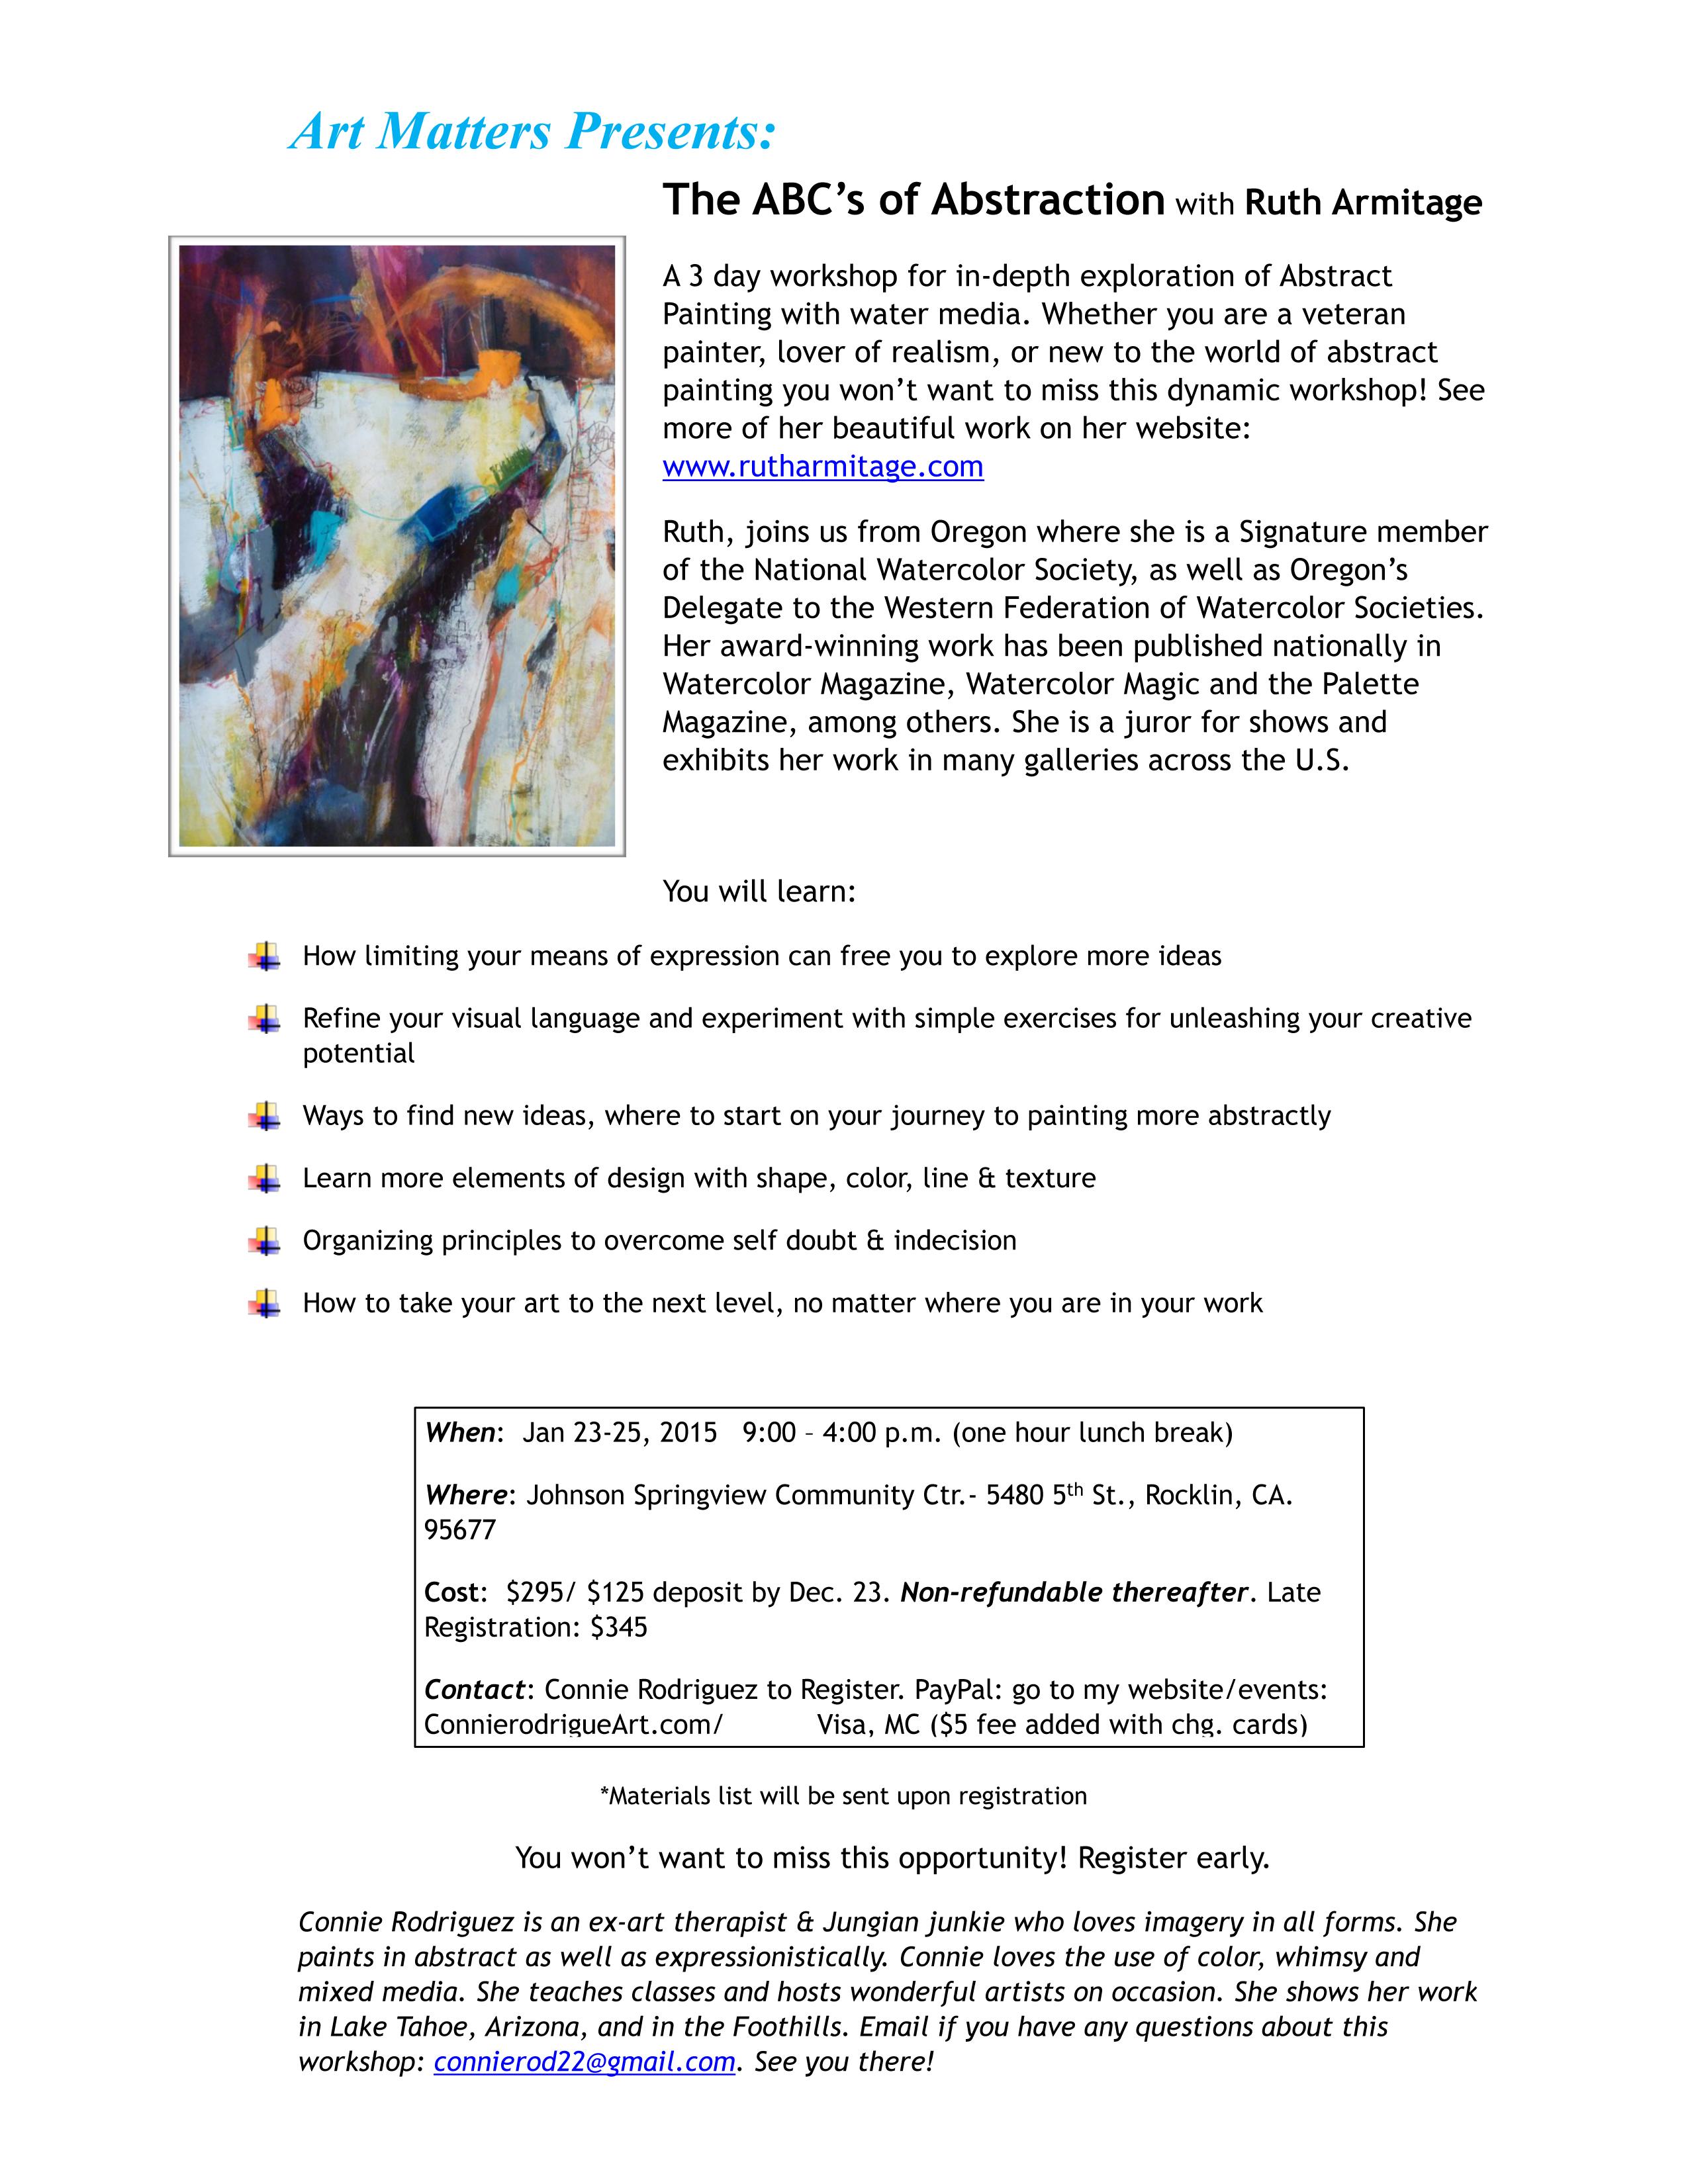 New Sacramento Workshop Announcement